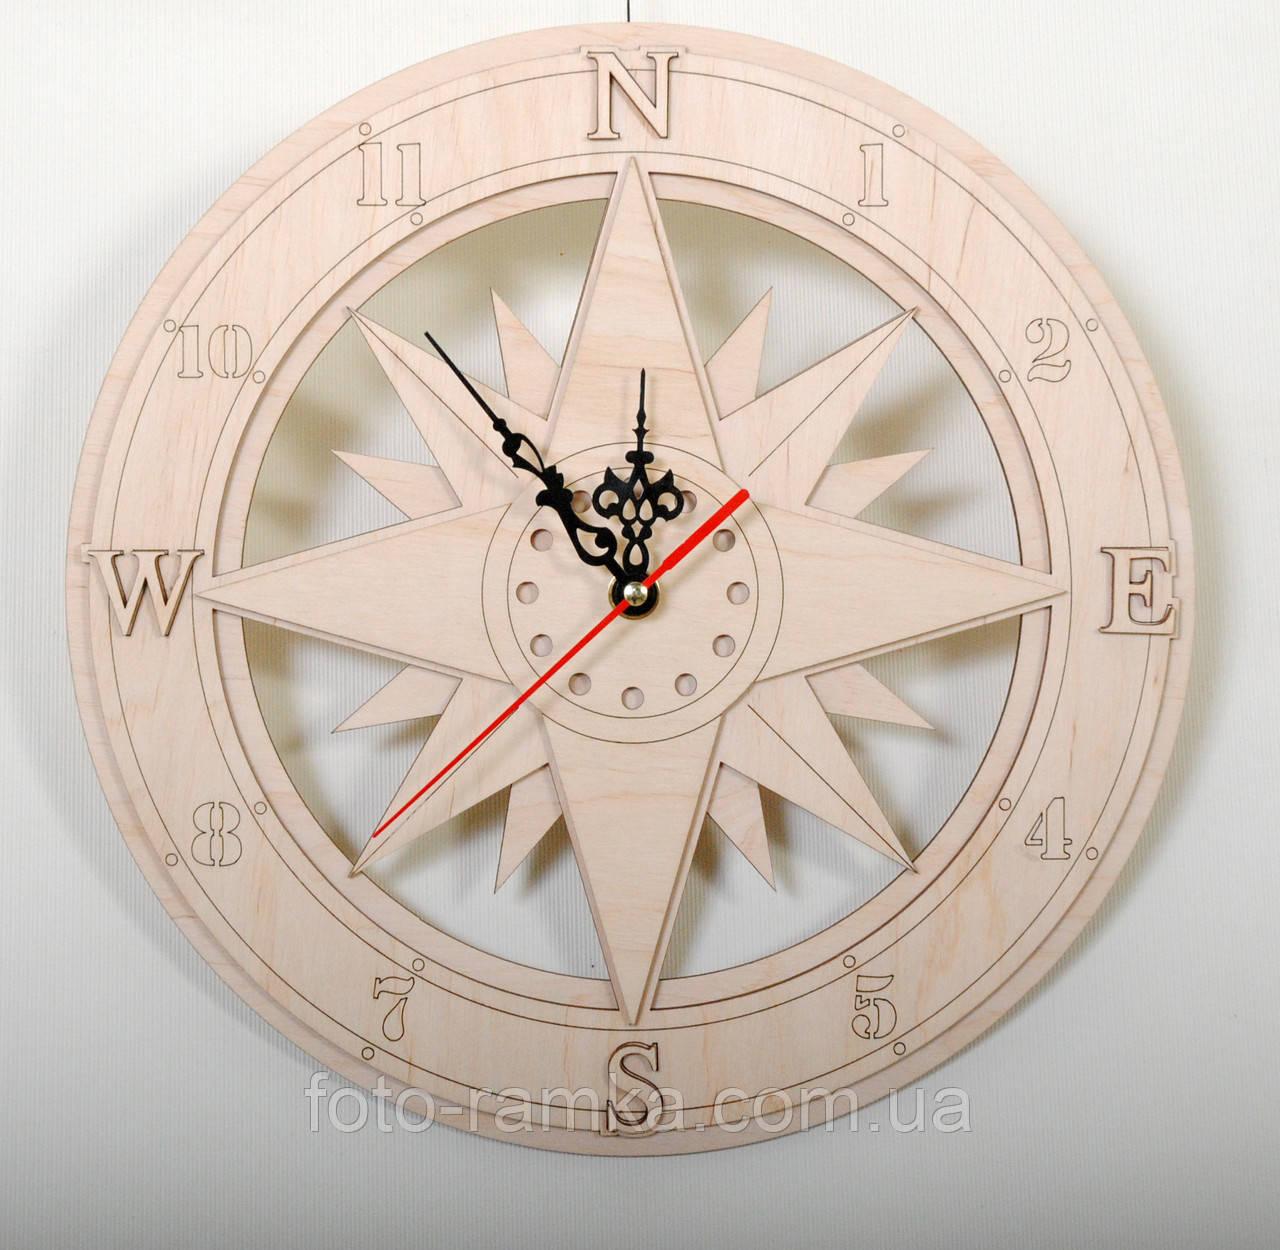 Часы 30 см  компас